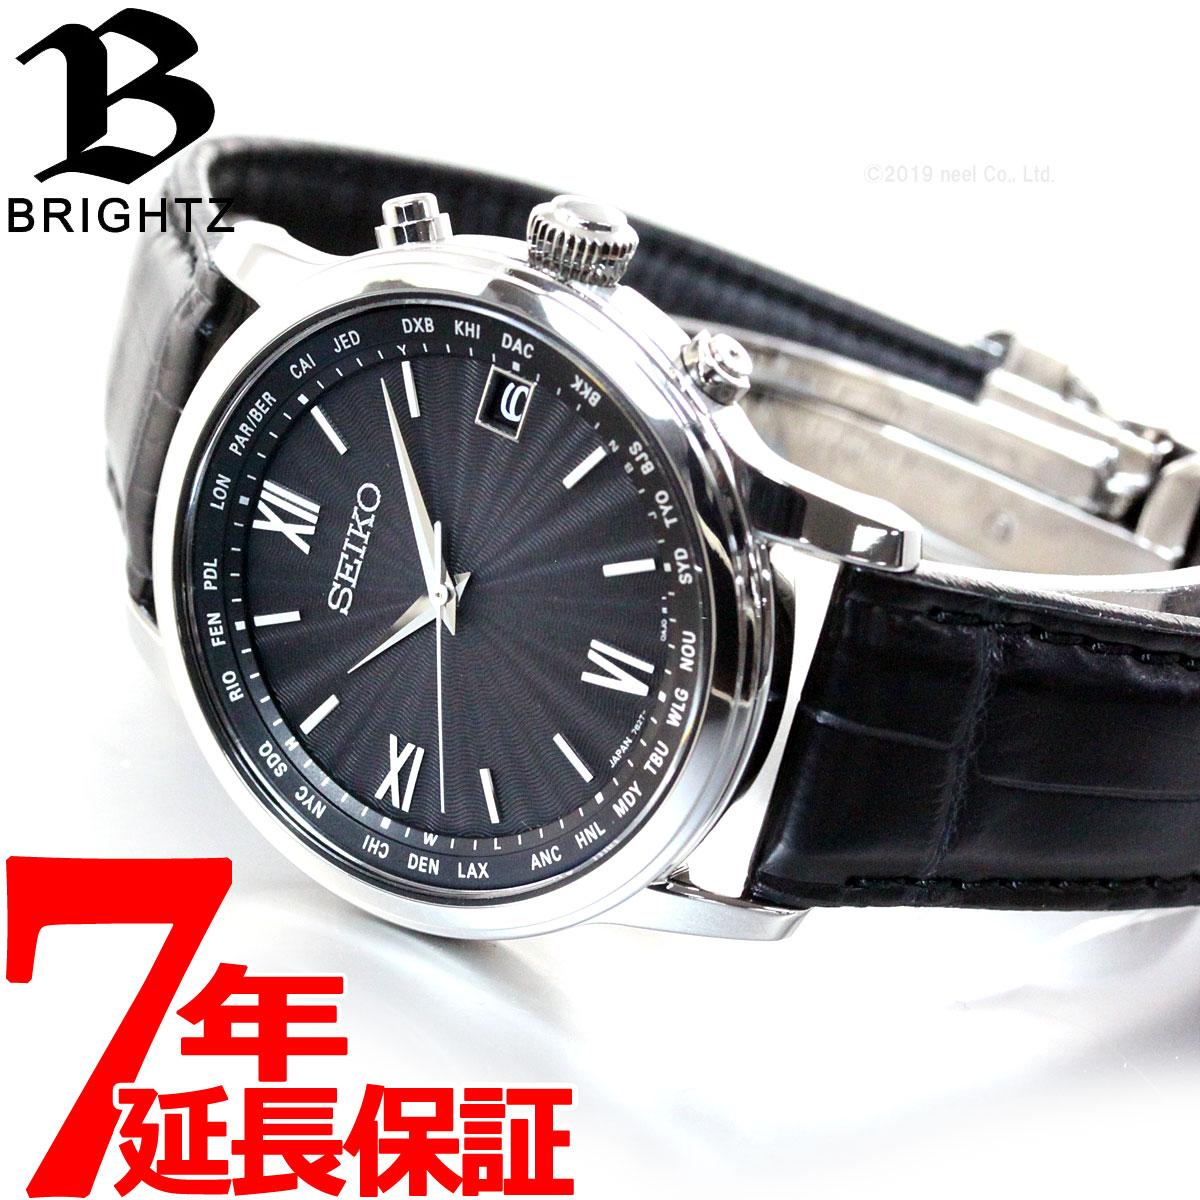 腕時計, メンズ腕時計 18037182359 SEIKO BRIGHTZ SAGZ1052020